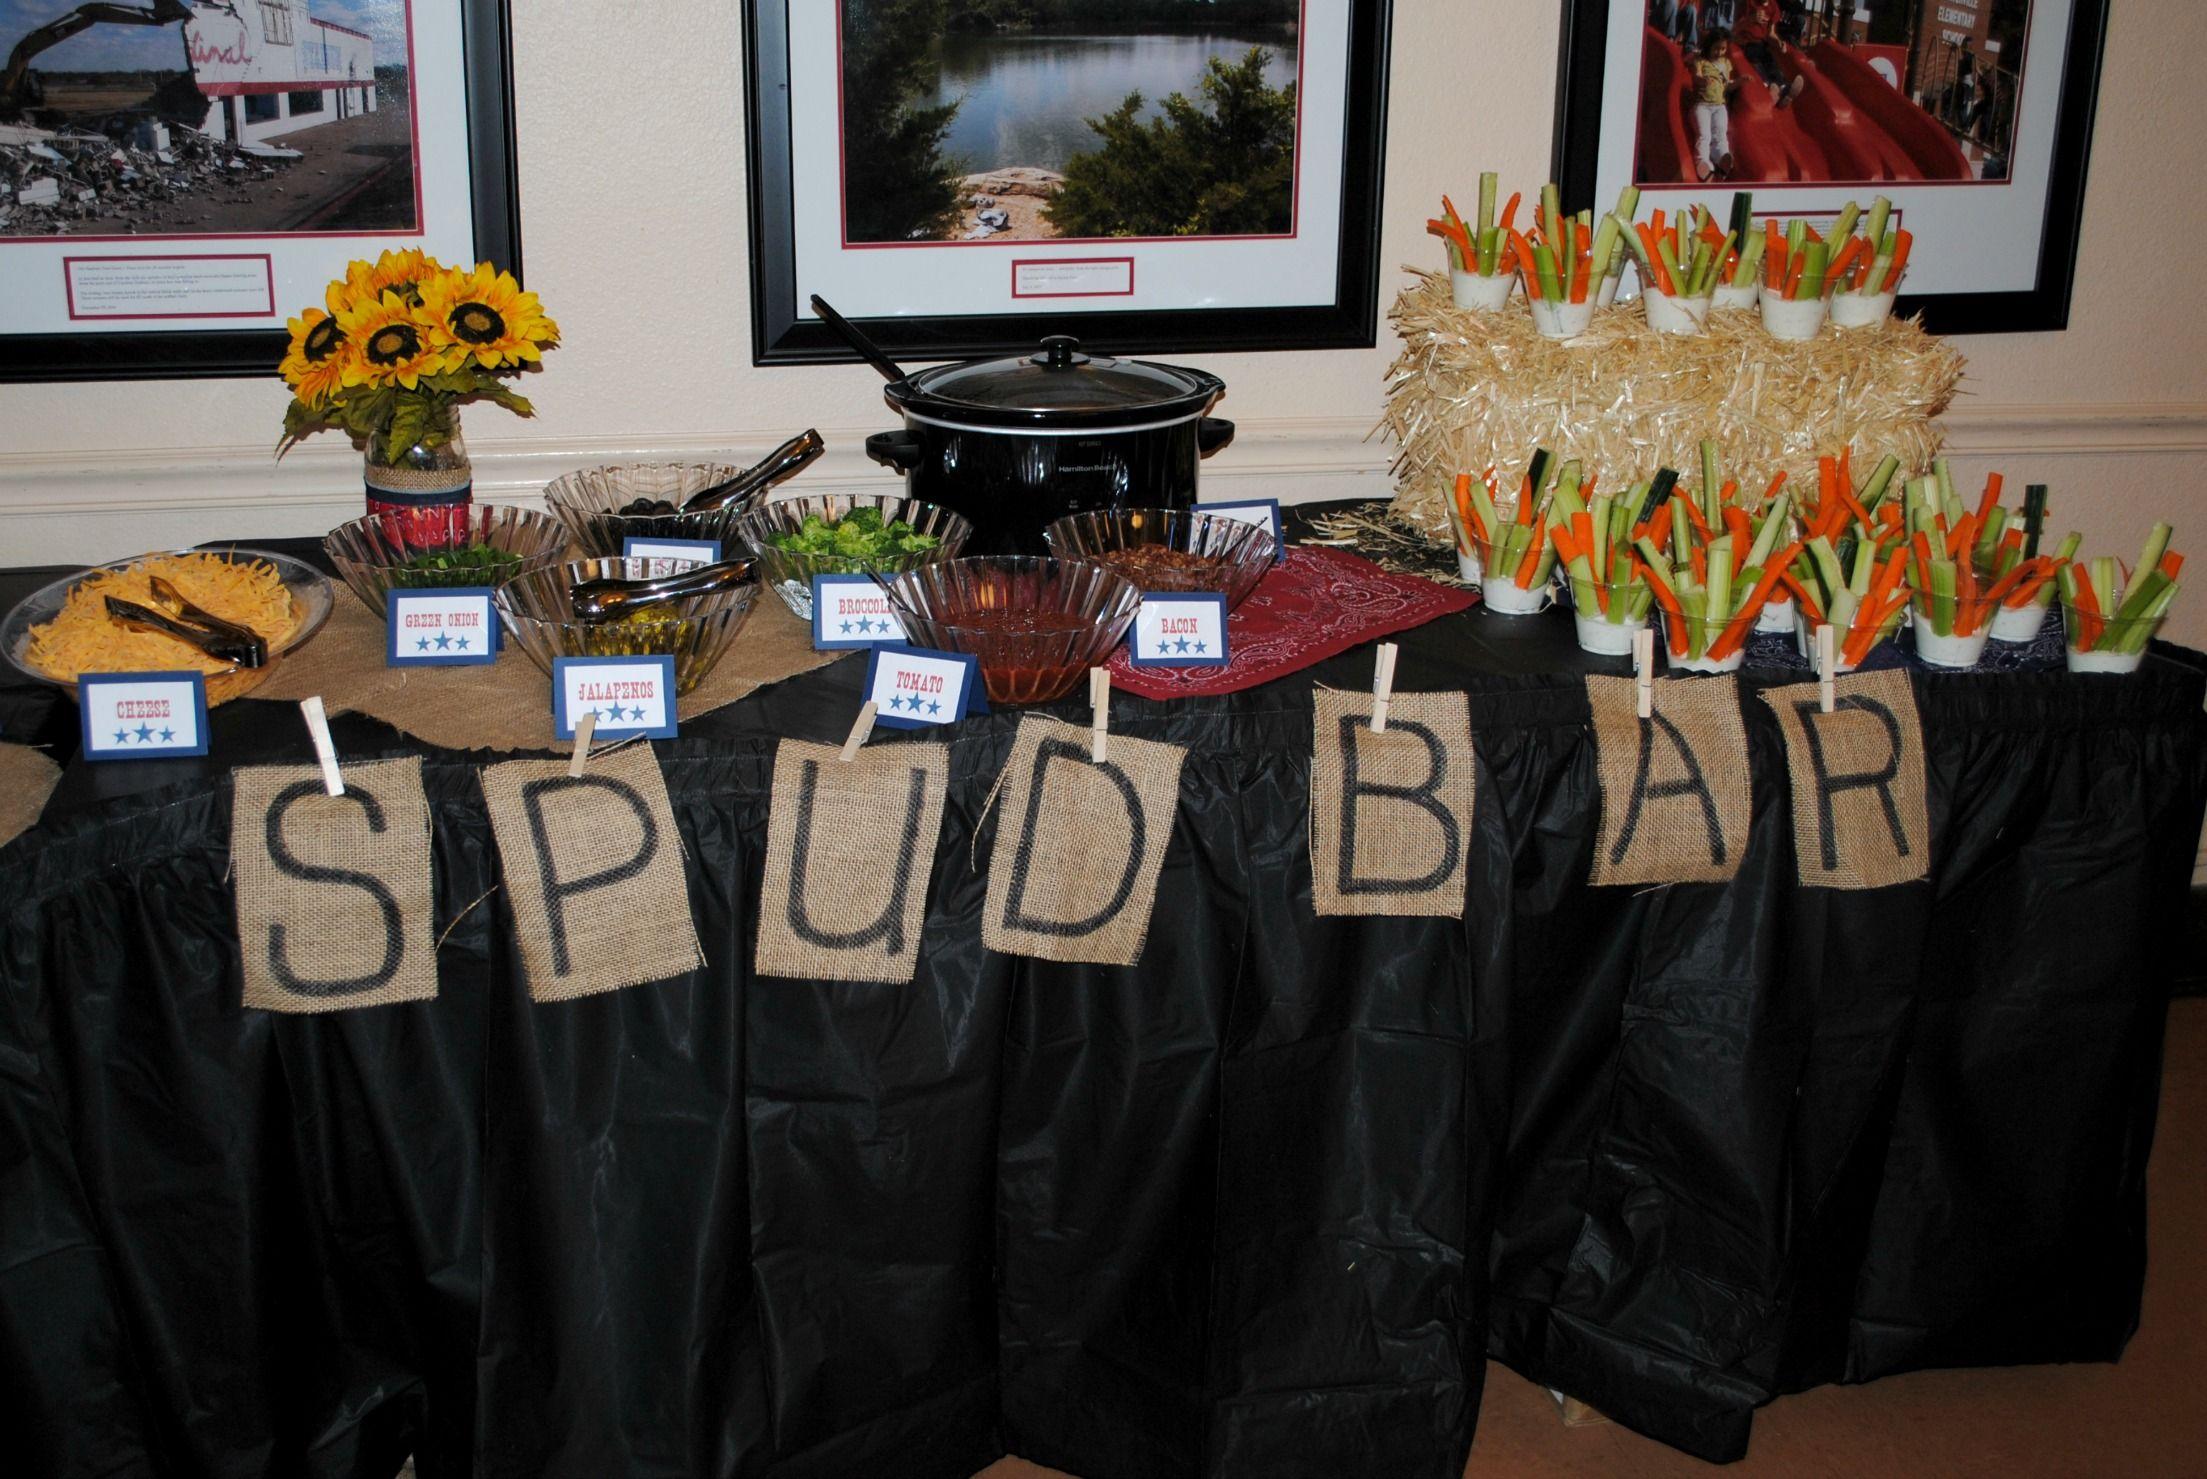 Baked potato bar. Western theme party food ideas. Spud bar ...